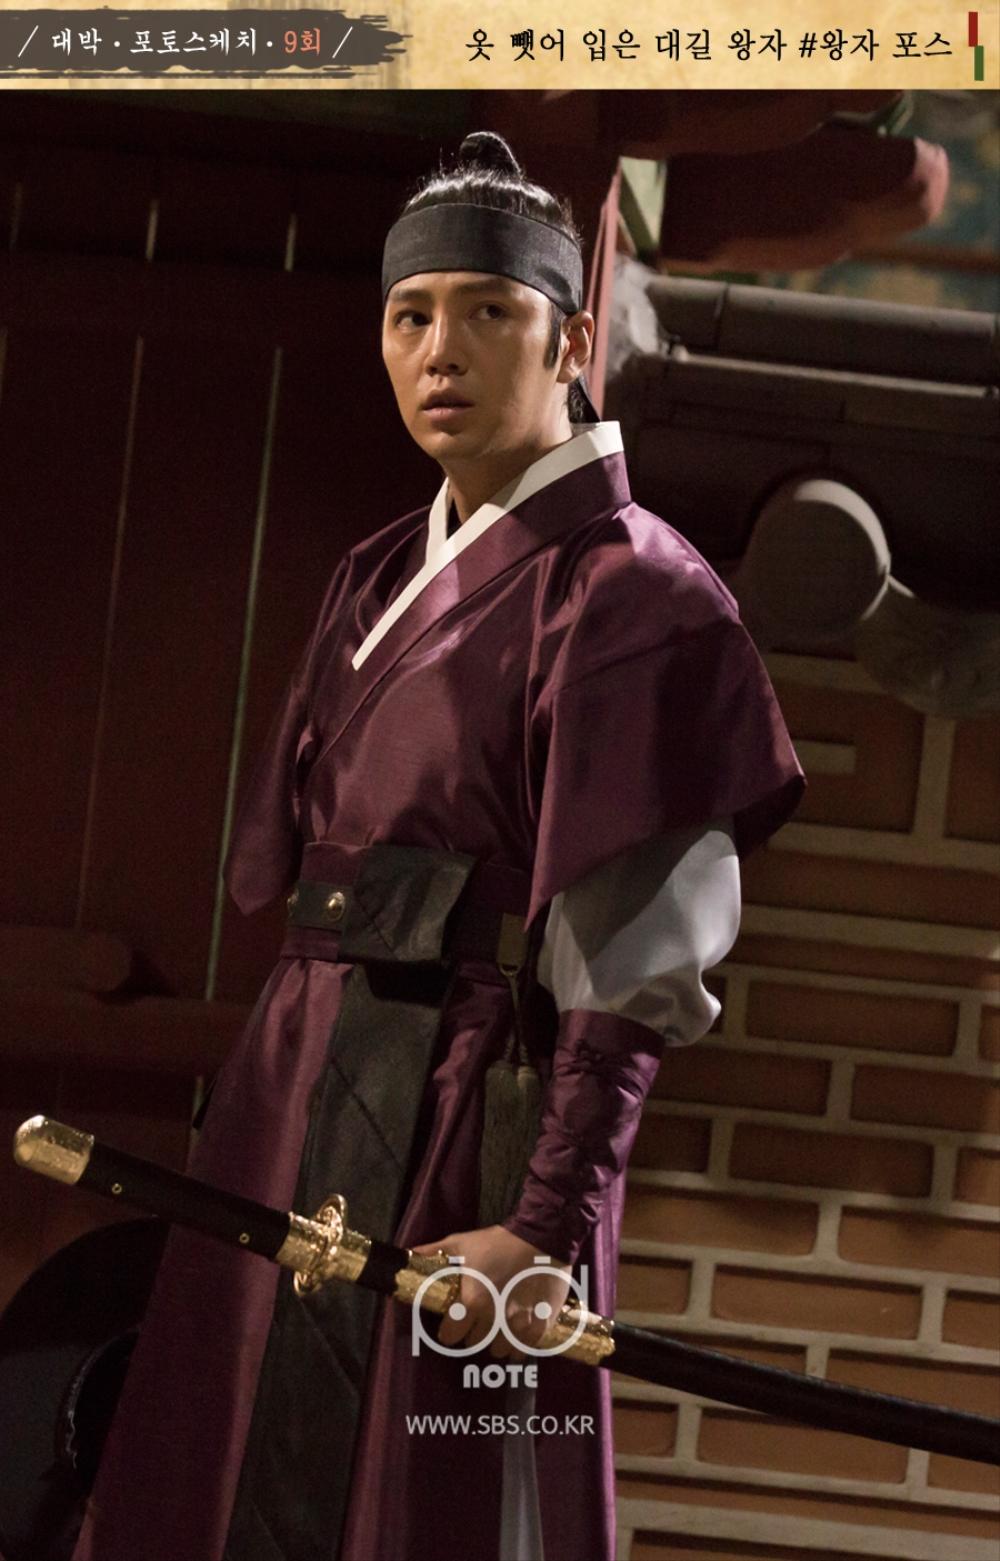 옷 뺏어 입은 대길 왕자